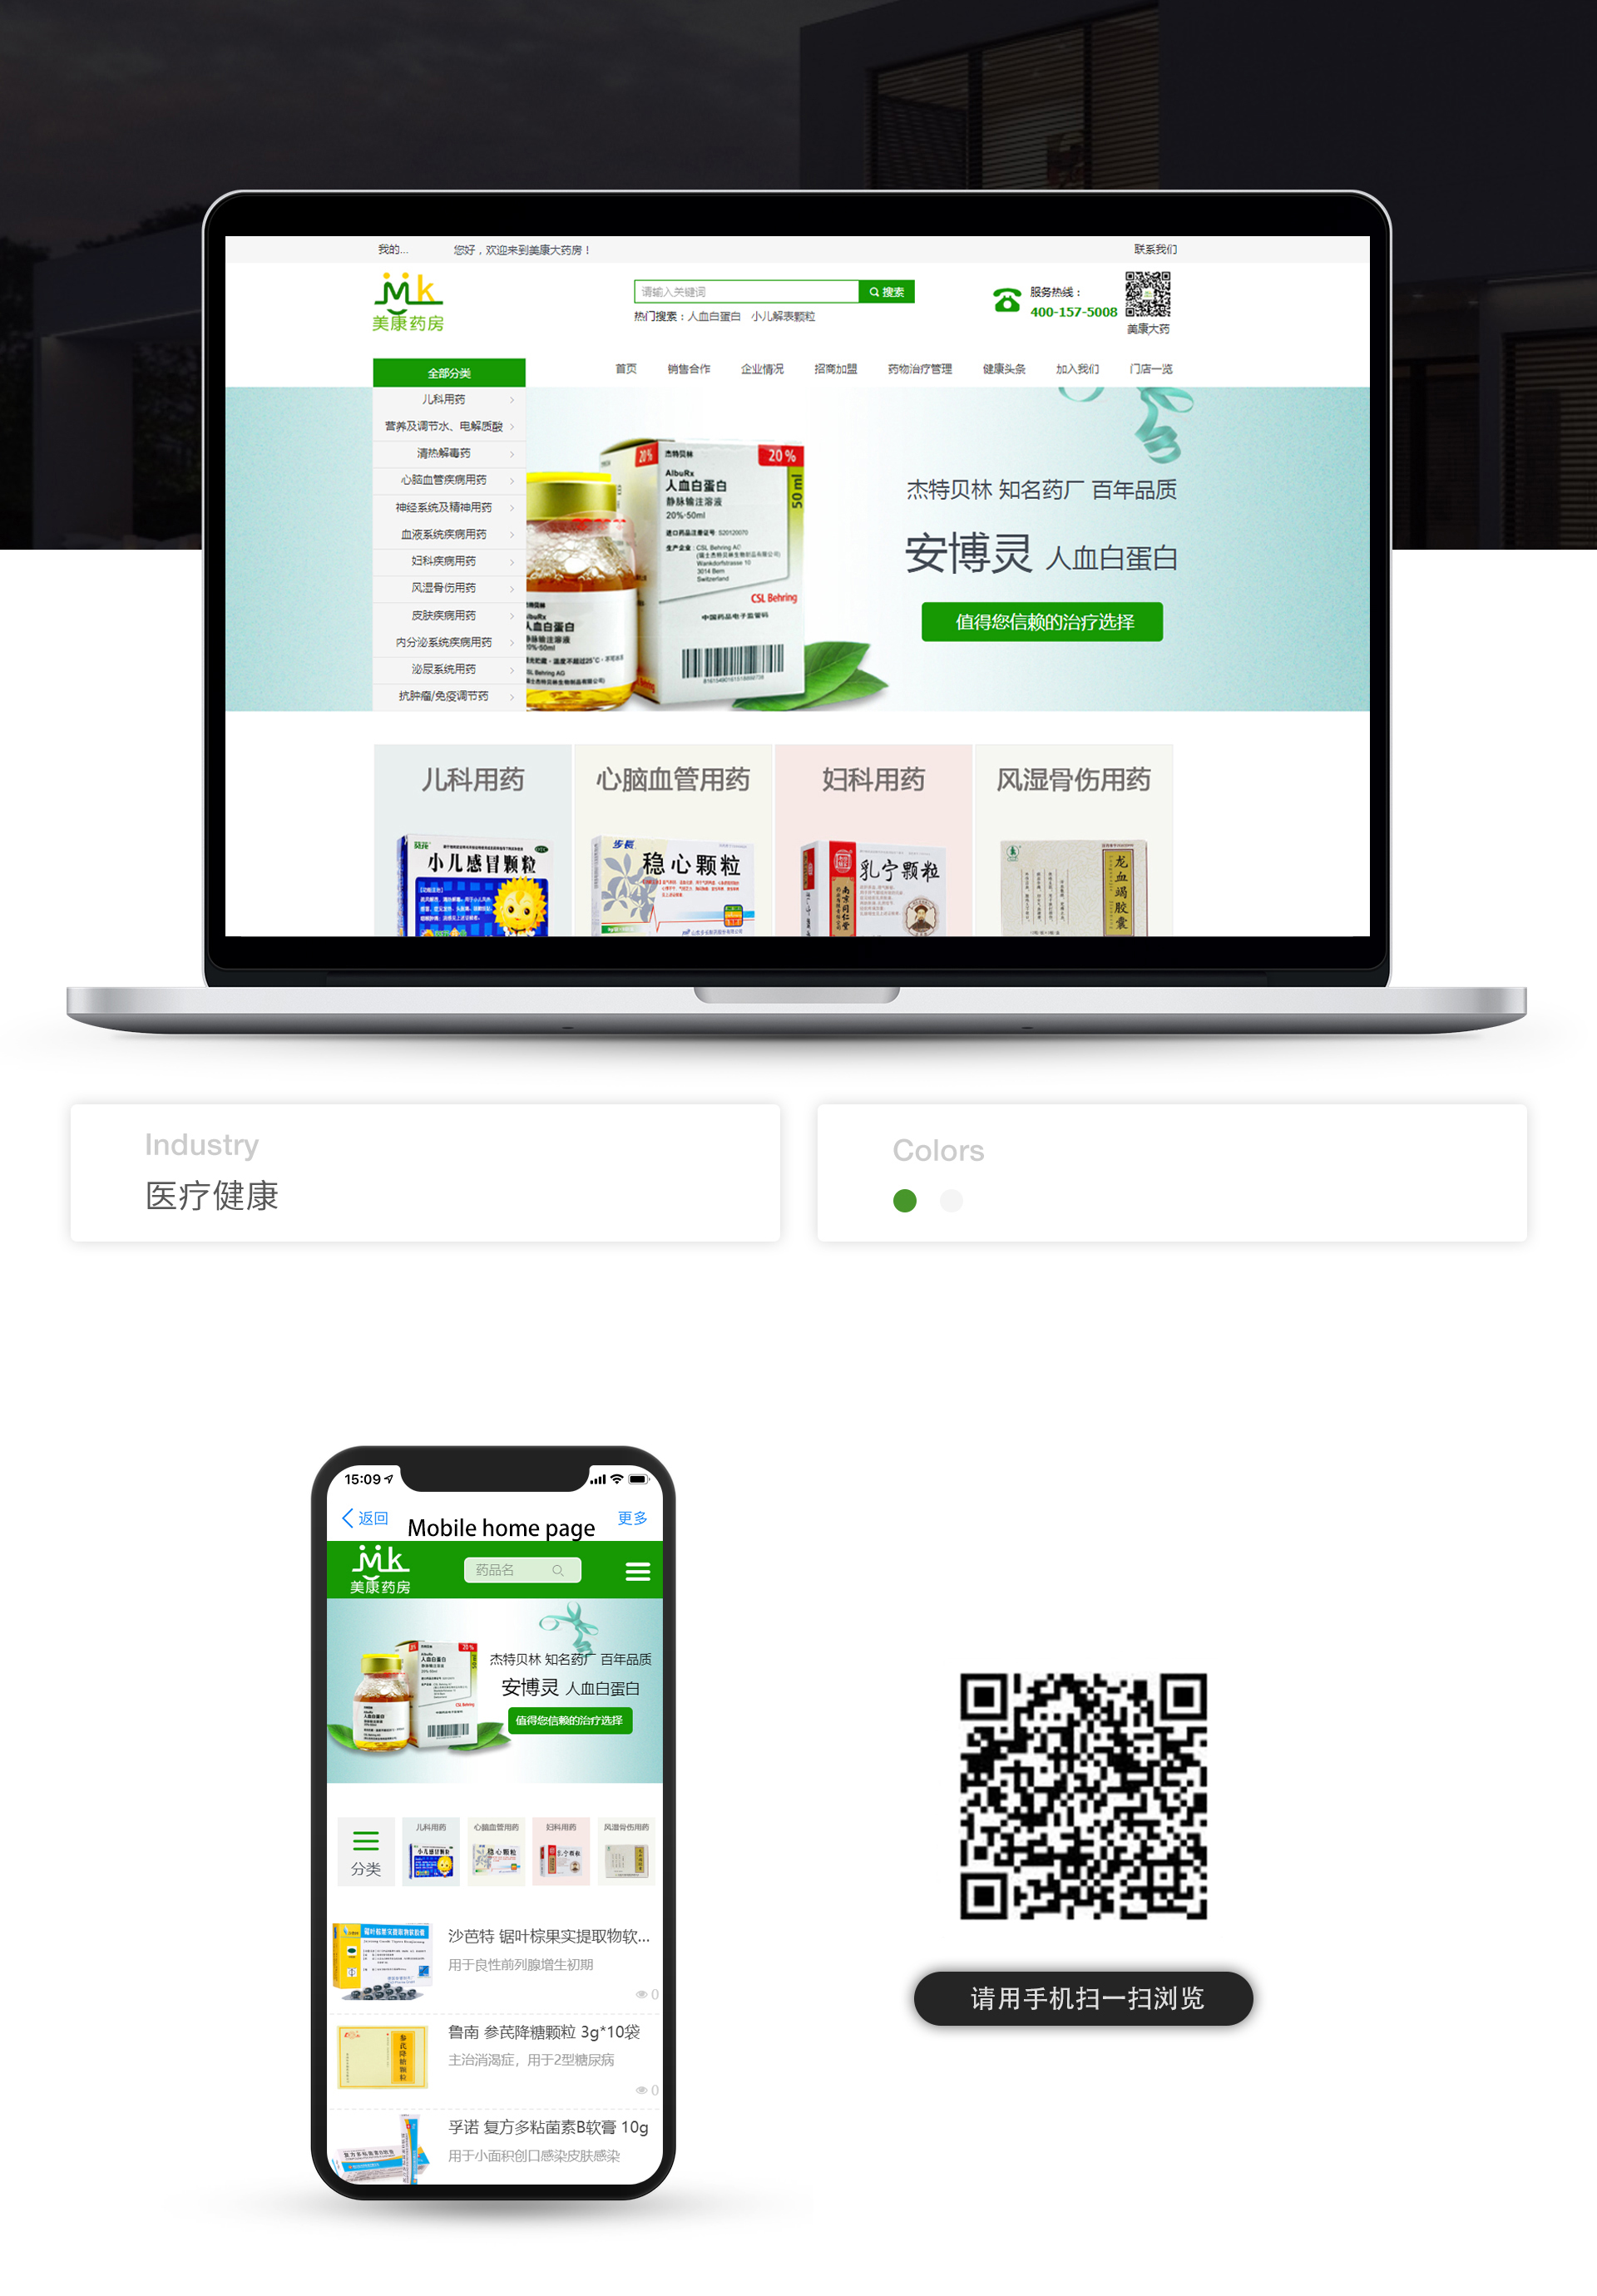 徐龙哥-徐龙哥2